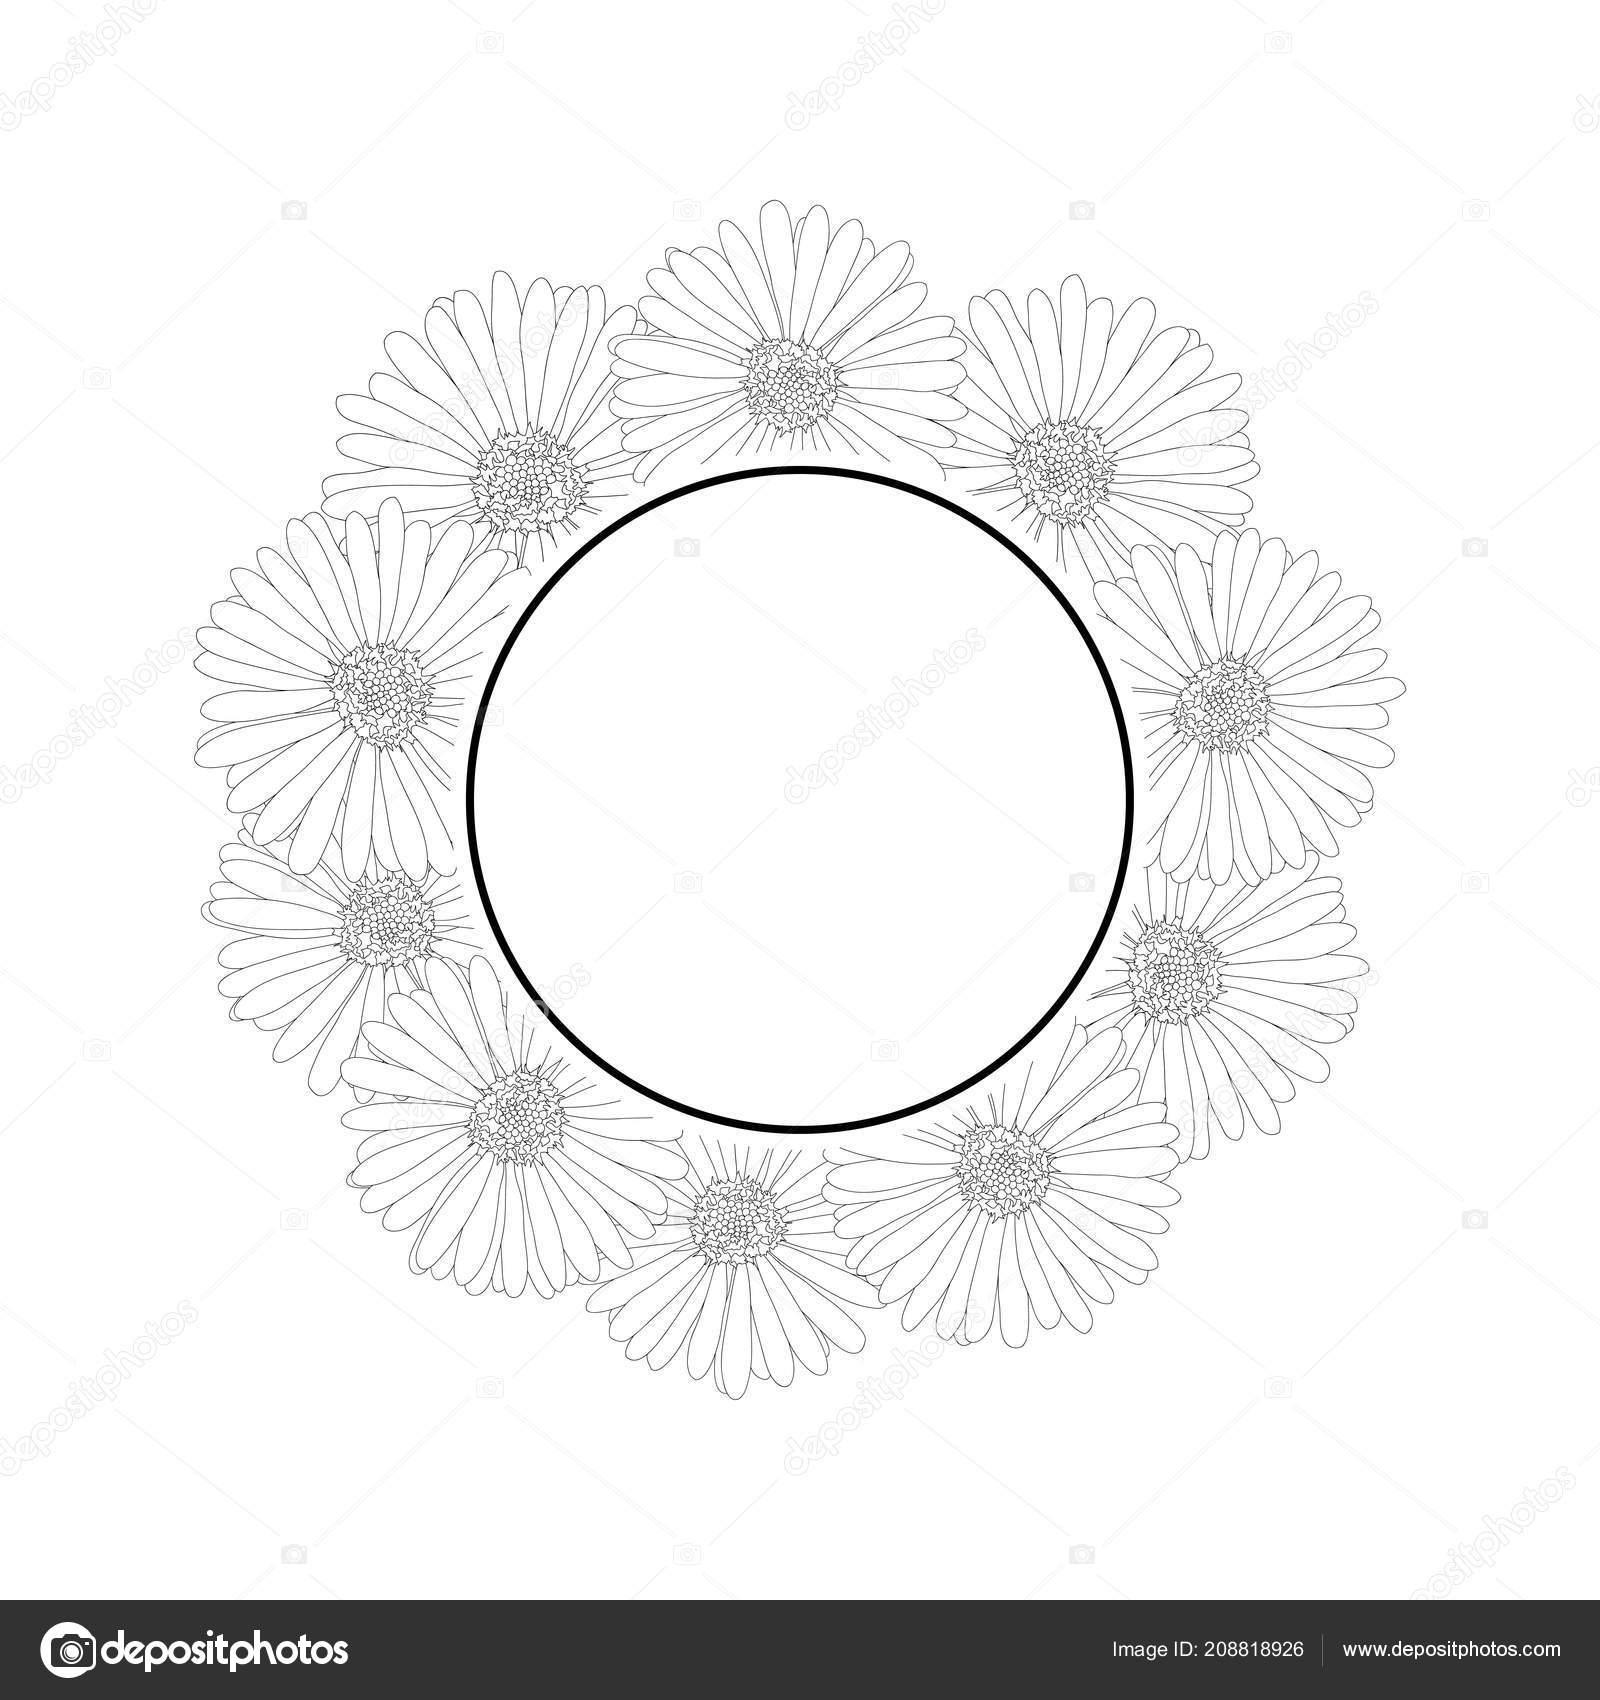 Aster Daisy Flower Outline Banner Wreath Vector Illustration